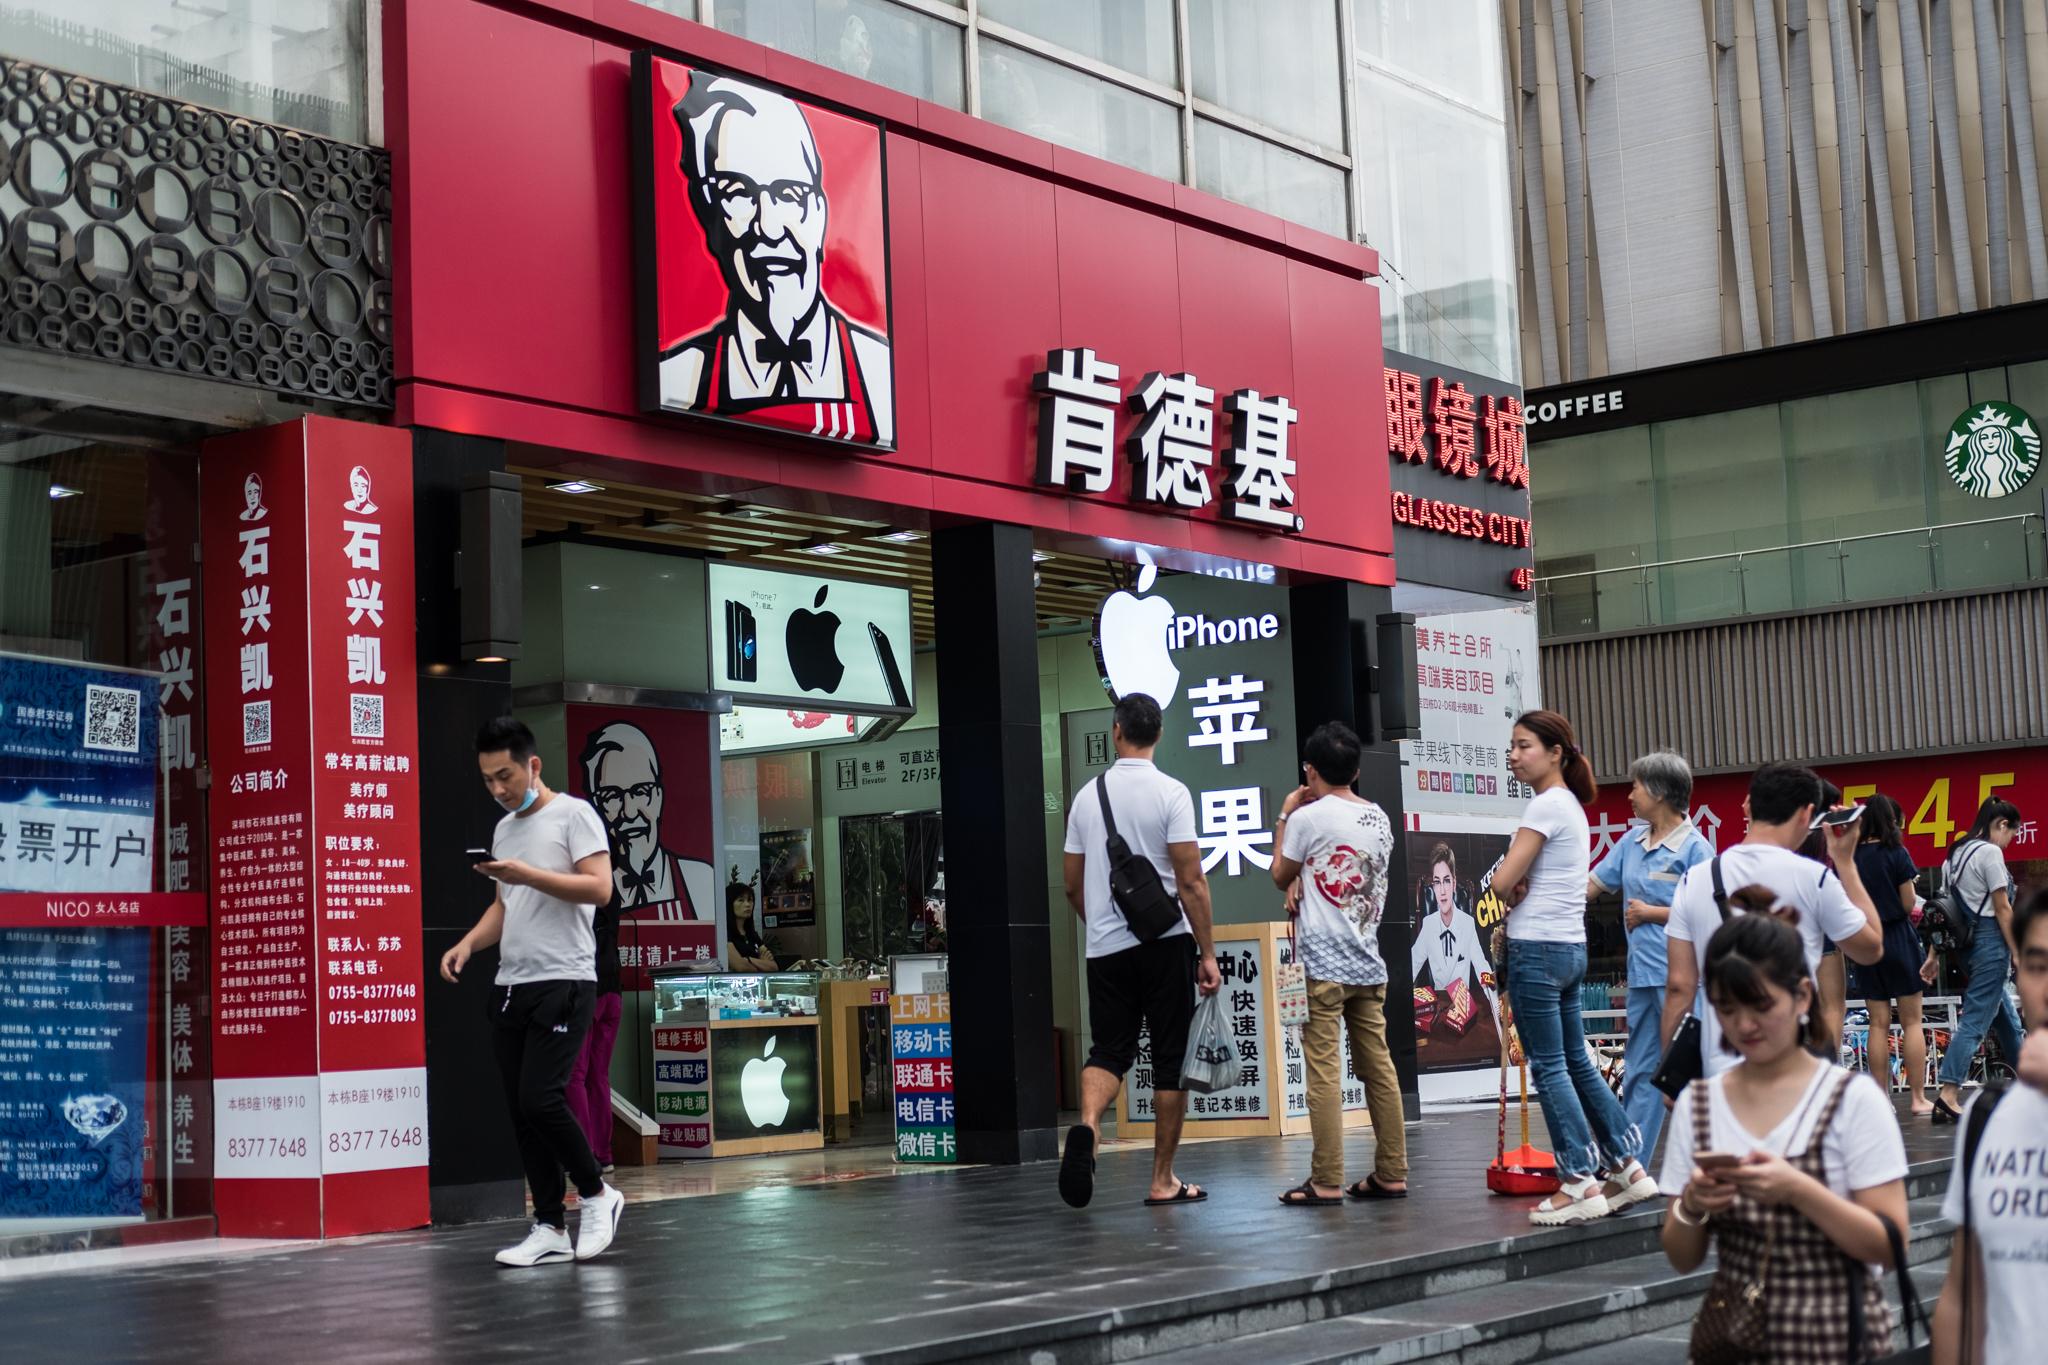 Vi rakk selvsagt et KFC-besøk. Eivind kjøpte burger, Martin ble påspandert en is.